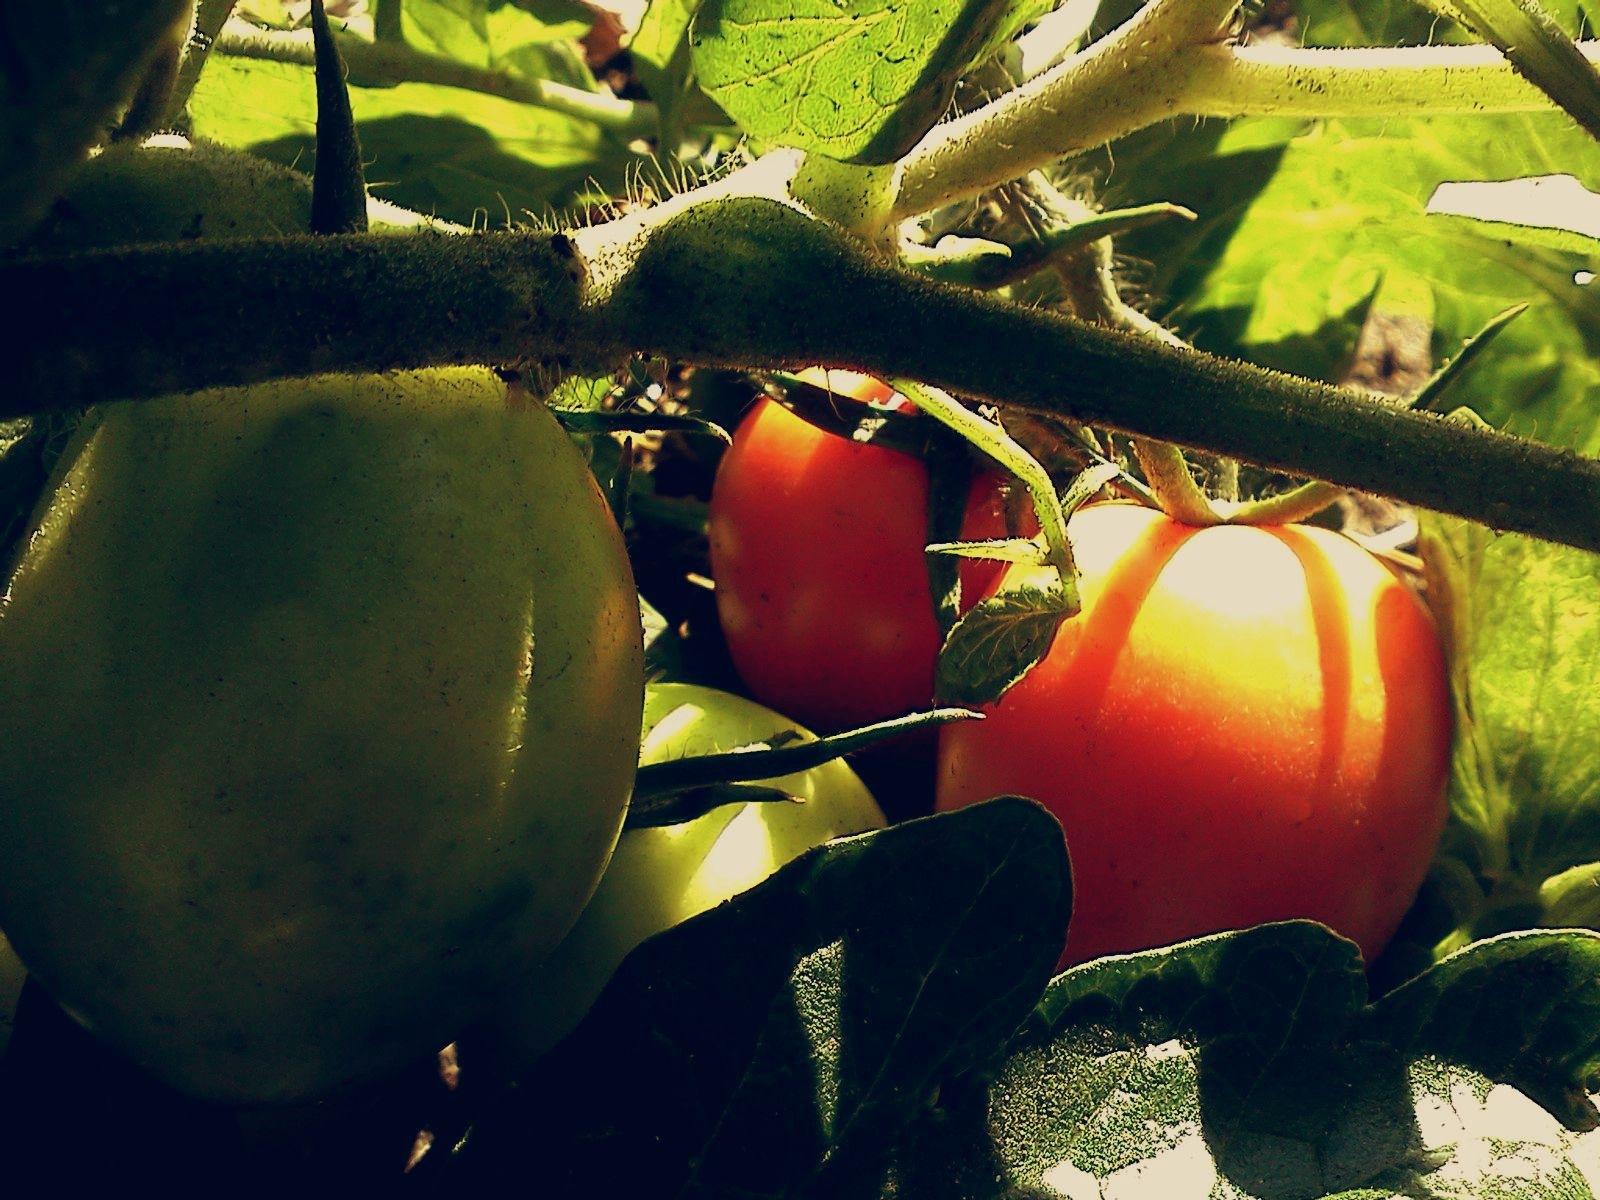 Tomatoes by natashaneit